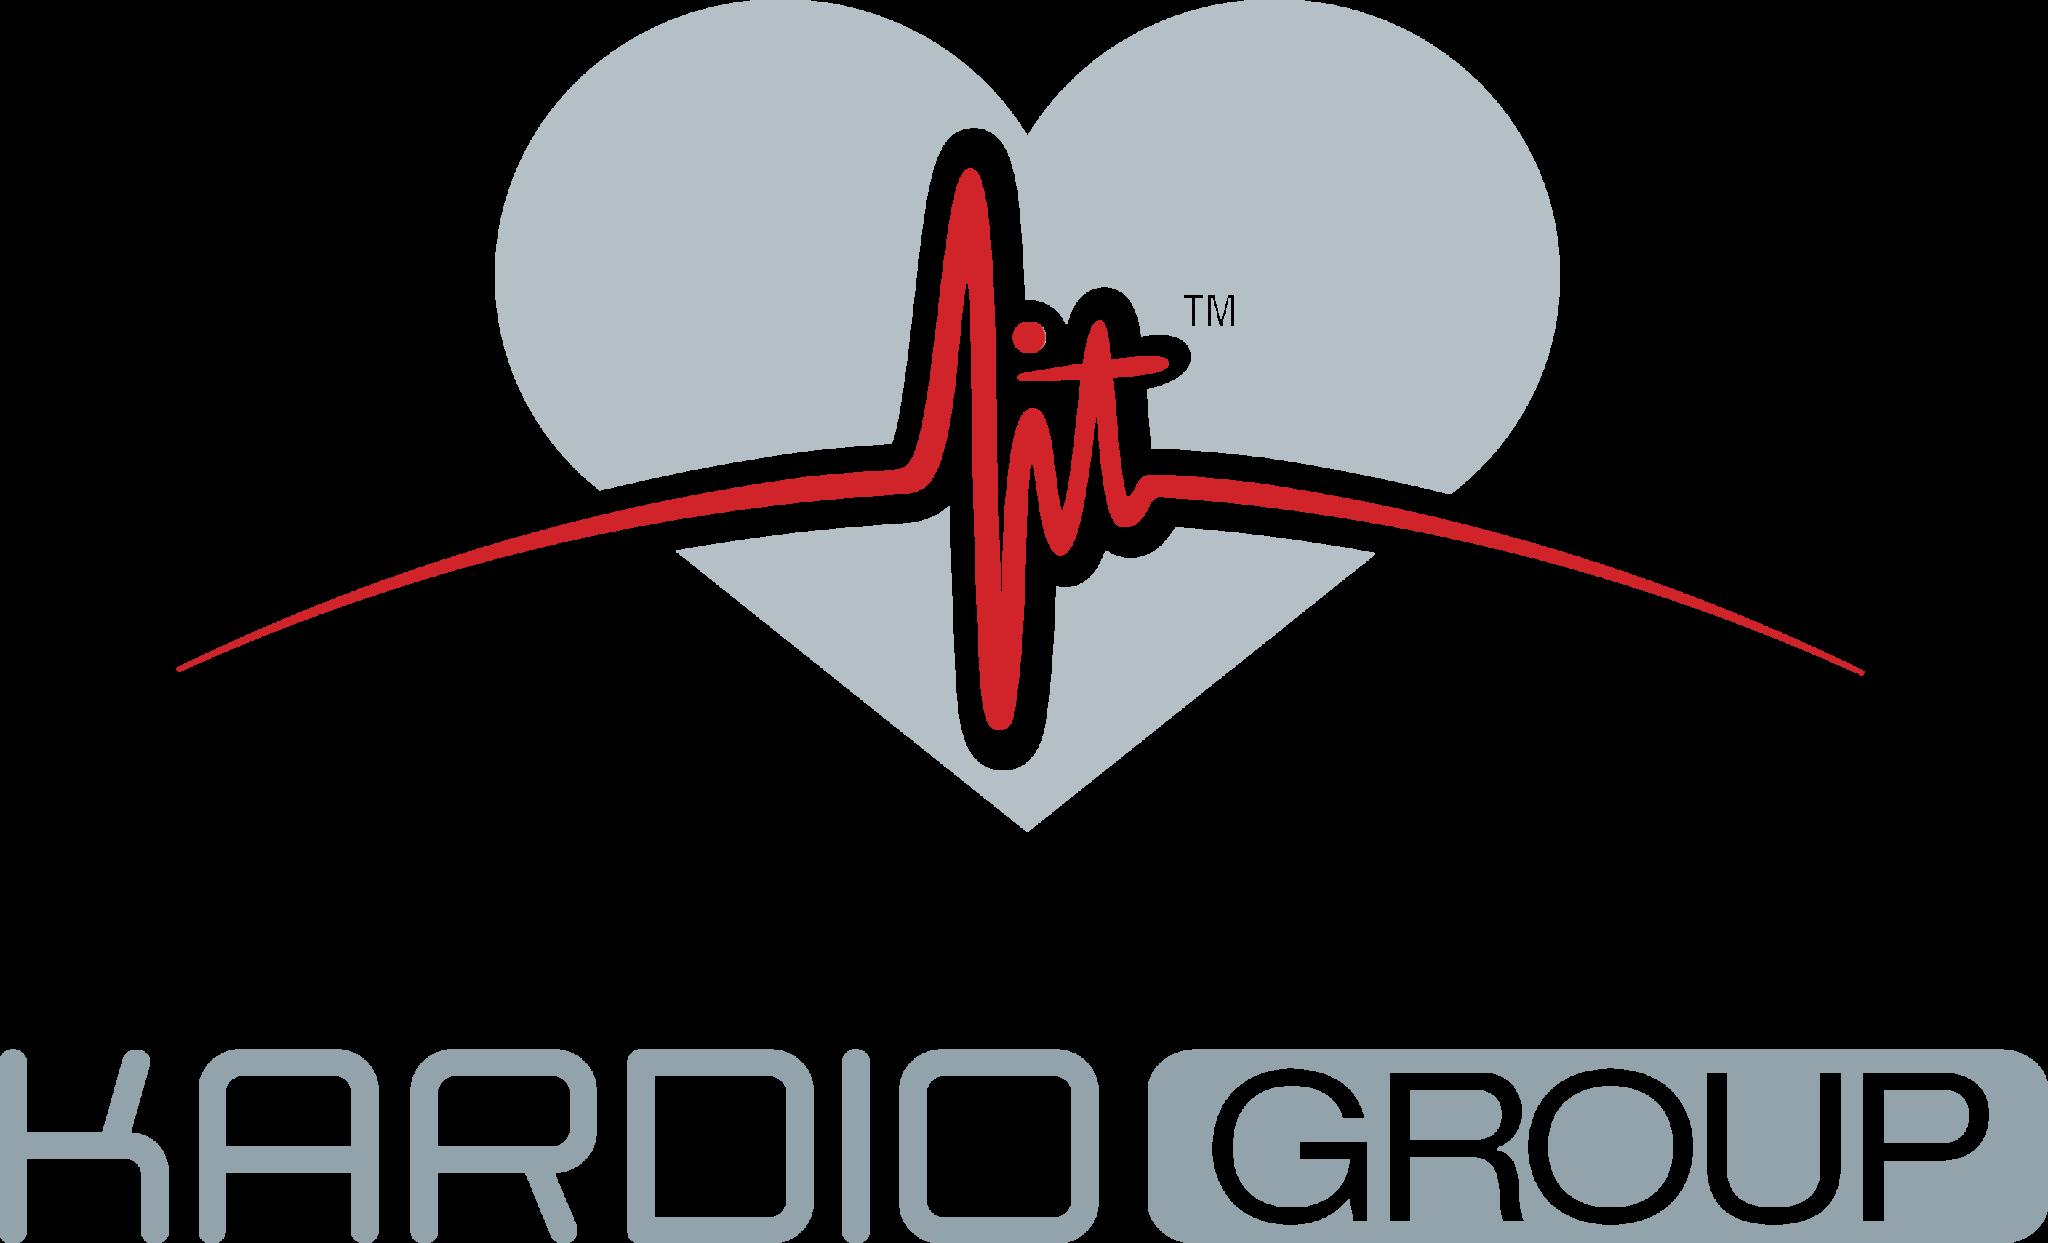 KardioGroup_Logo